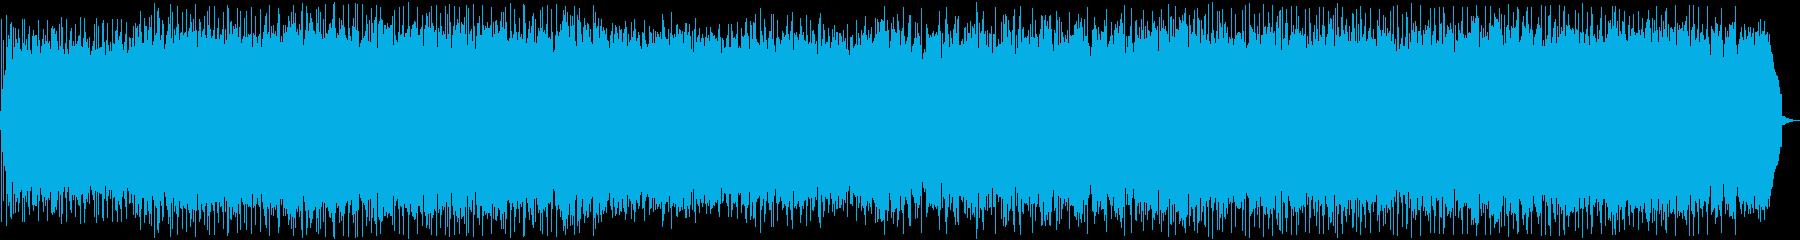 オープニング等にぴったりの明るい曲ですの再生済みの波形